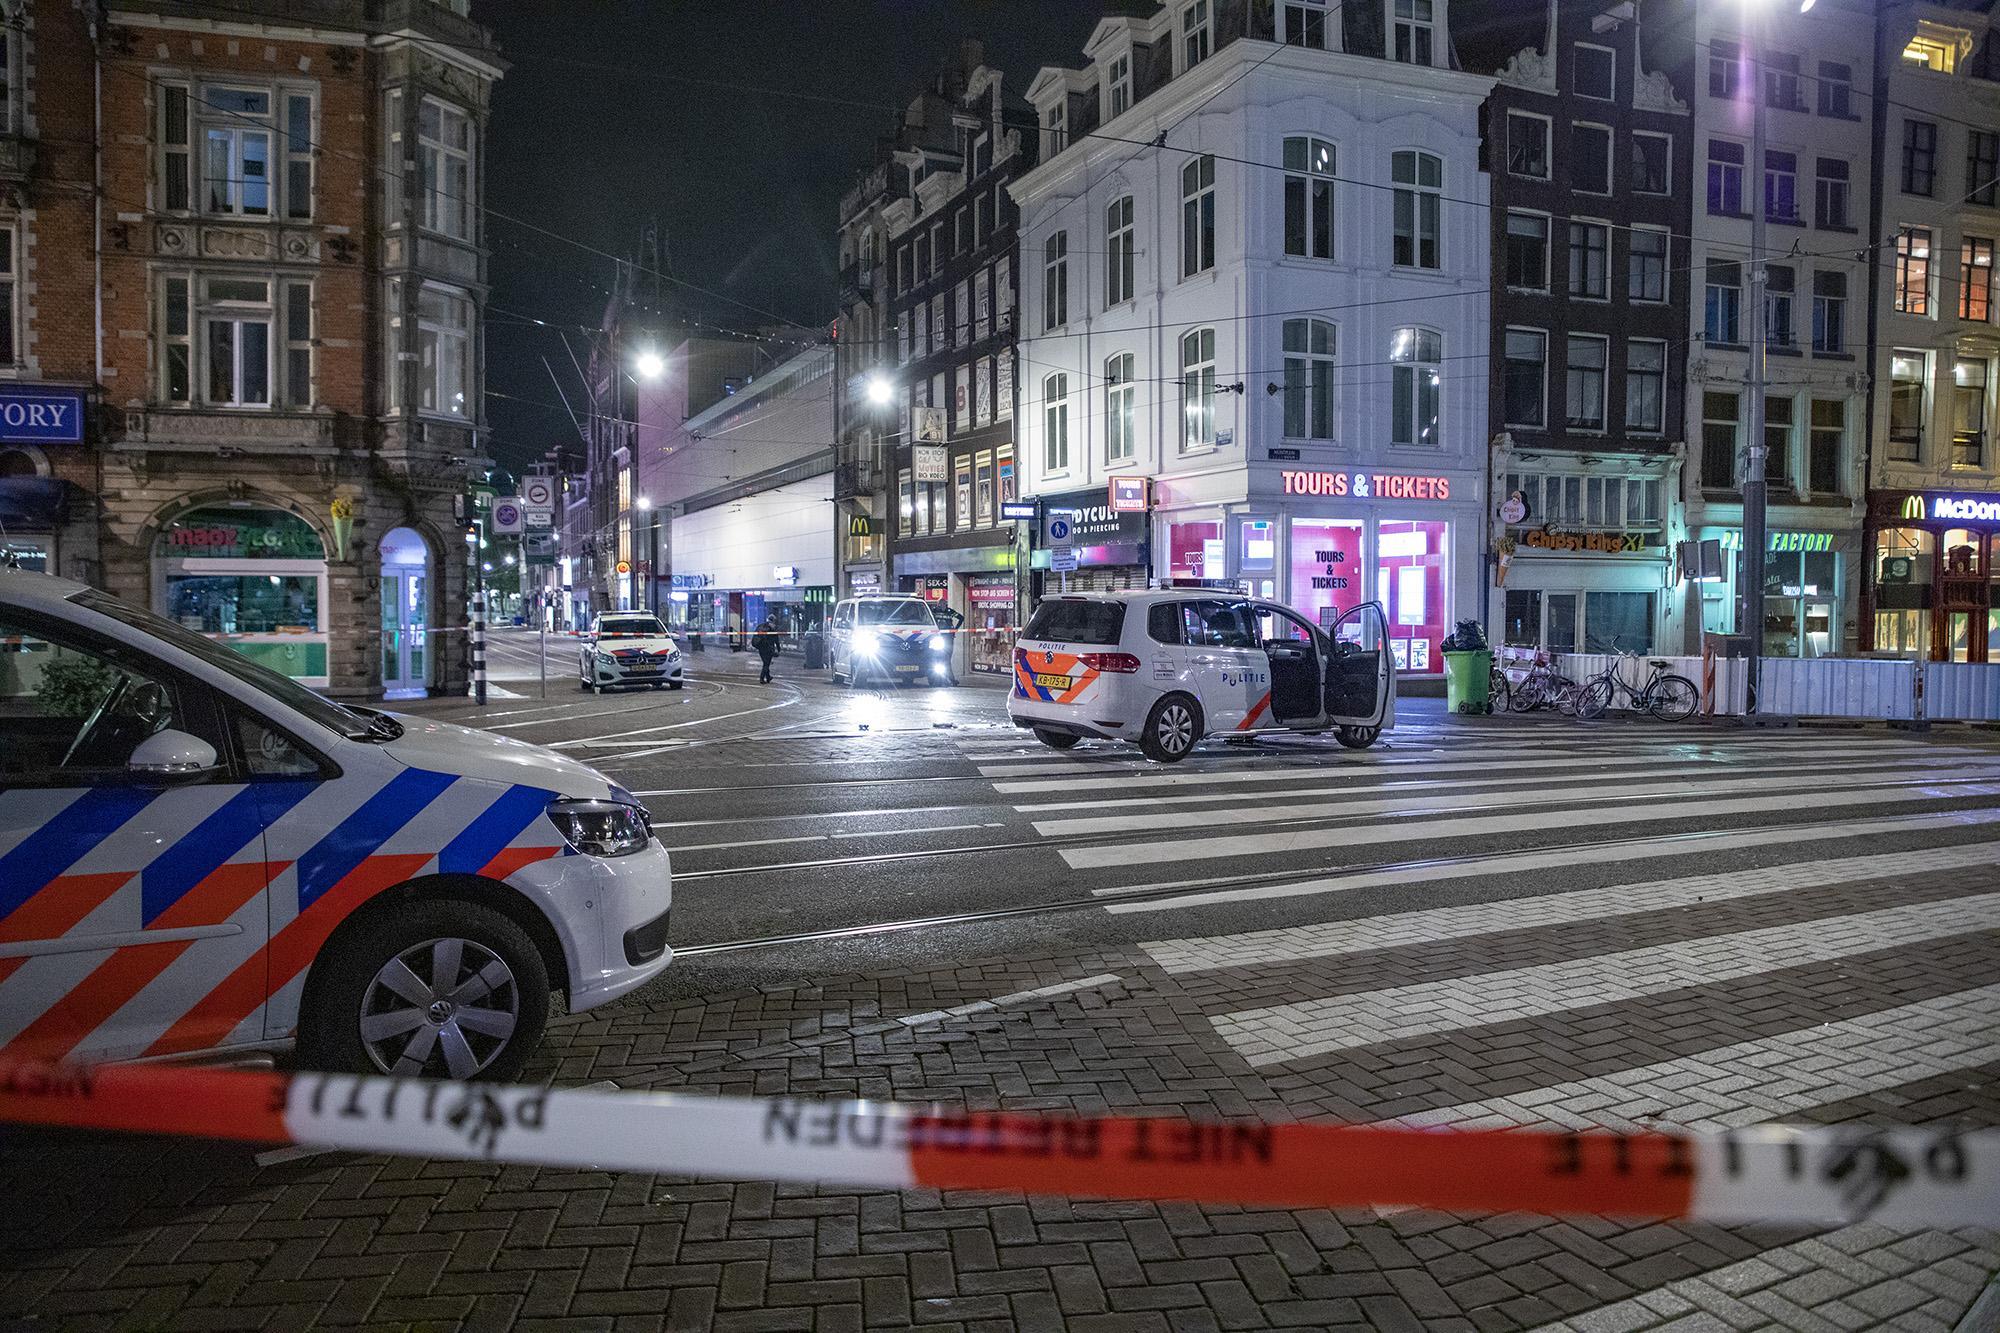 Man uit Zaanstad (30) die driemaal op Amsterdamse politiewagen inreed verdacht van poging tot doodslag